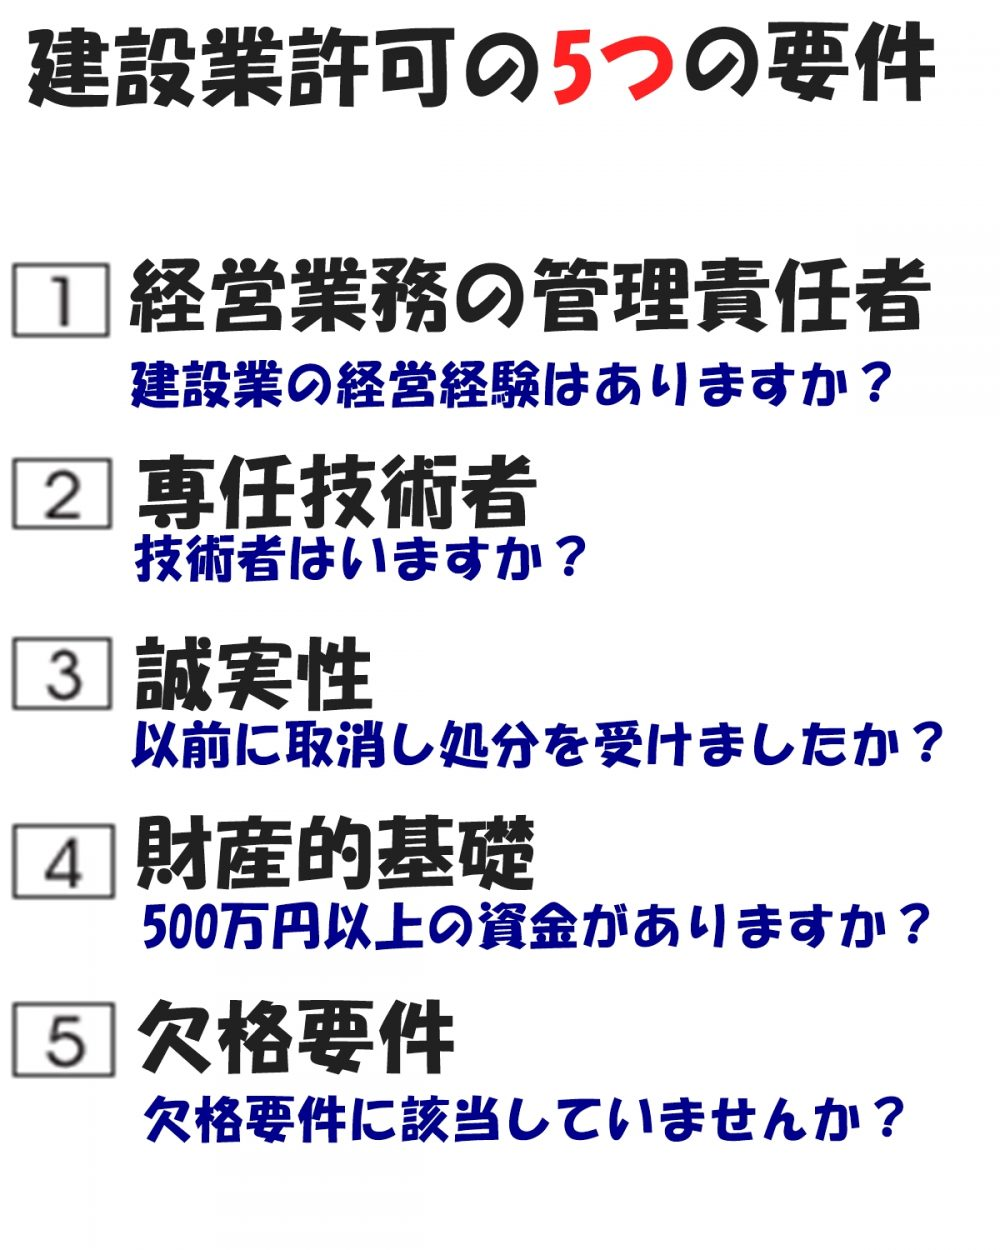 建設業許可の5つの要件(茨城県建設業許可サポート)